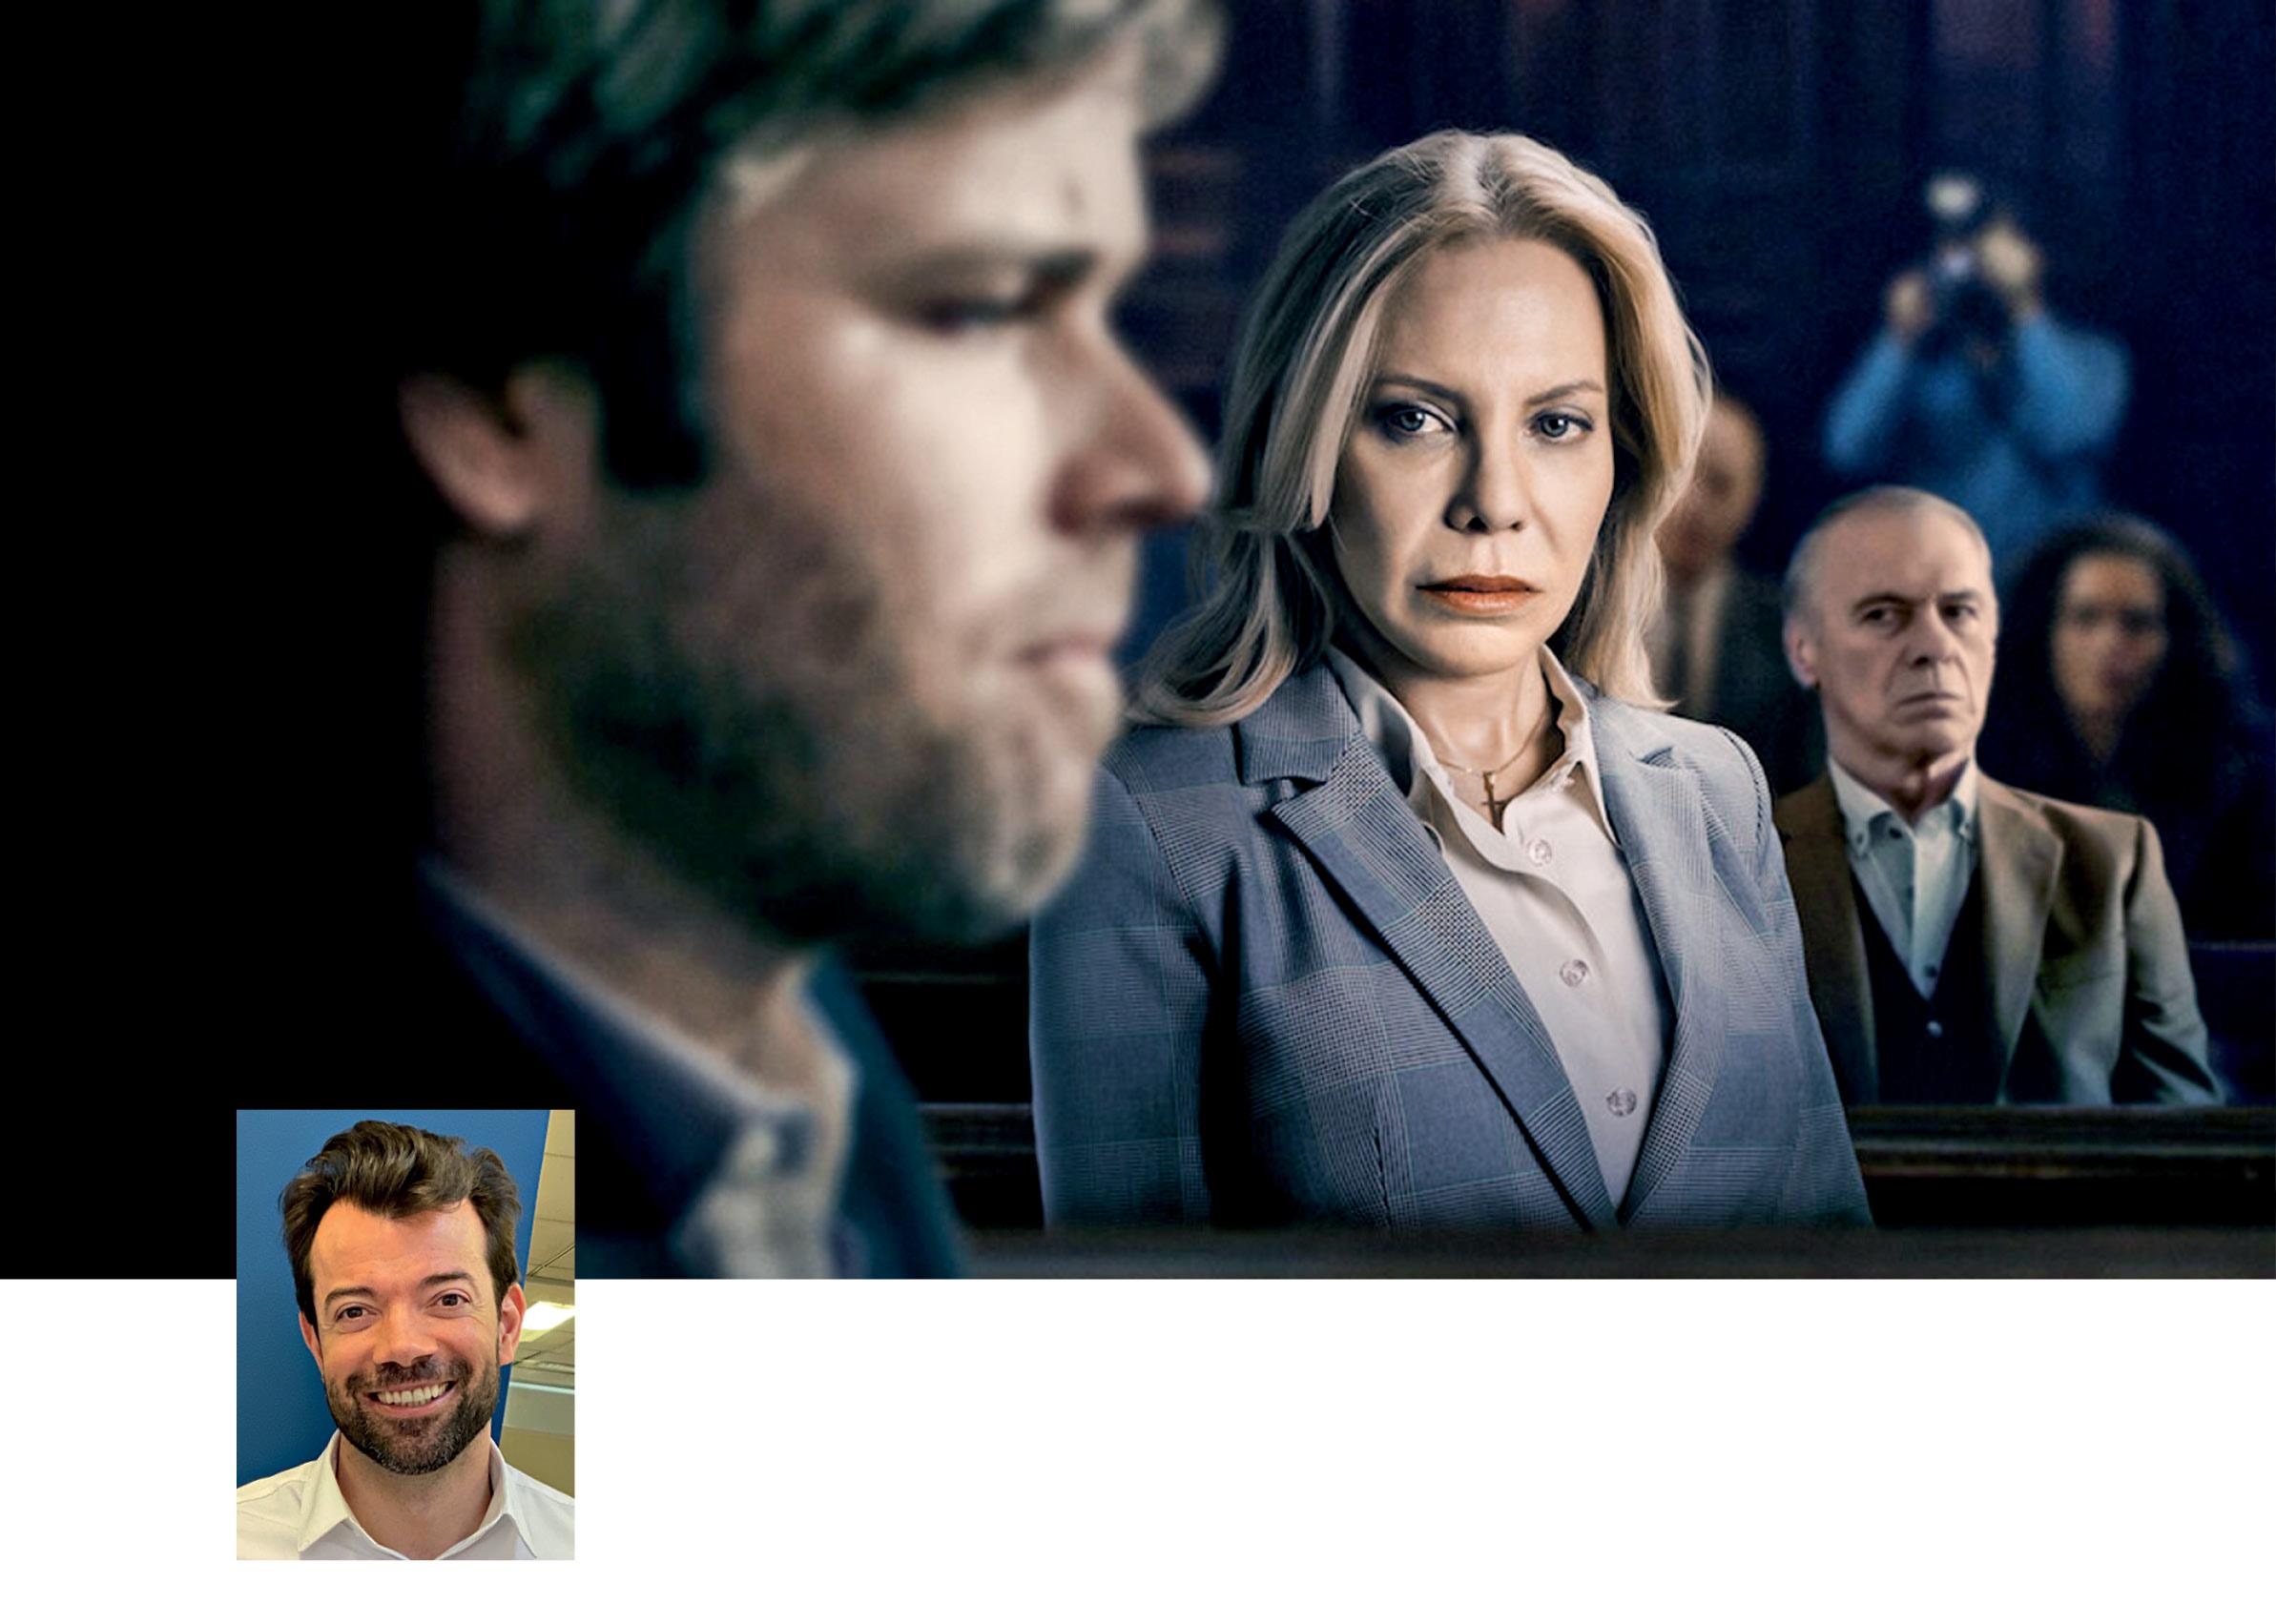 Foto do filme Crimes de Família com uma pequena foto de Raul Juste Lores